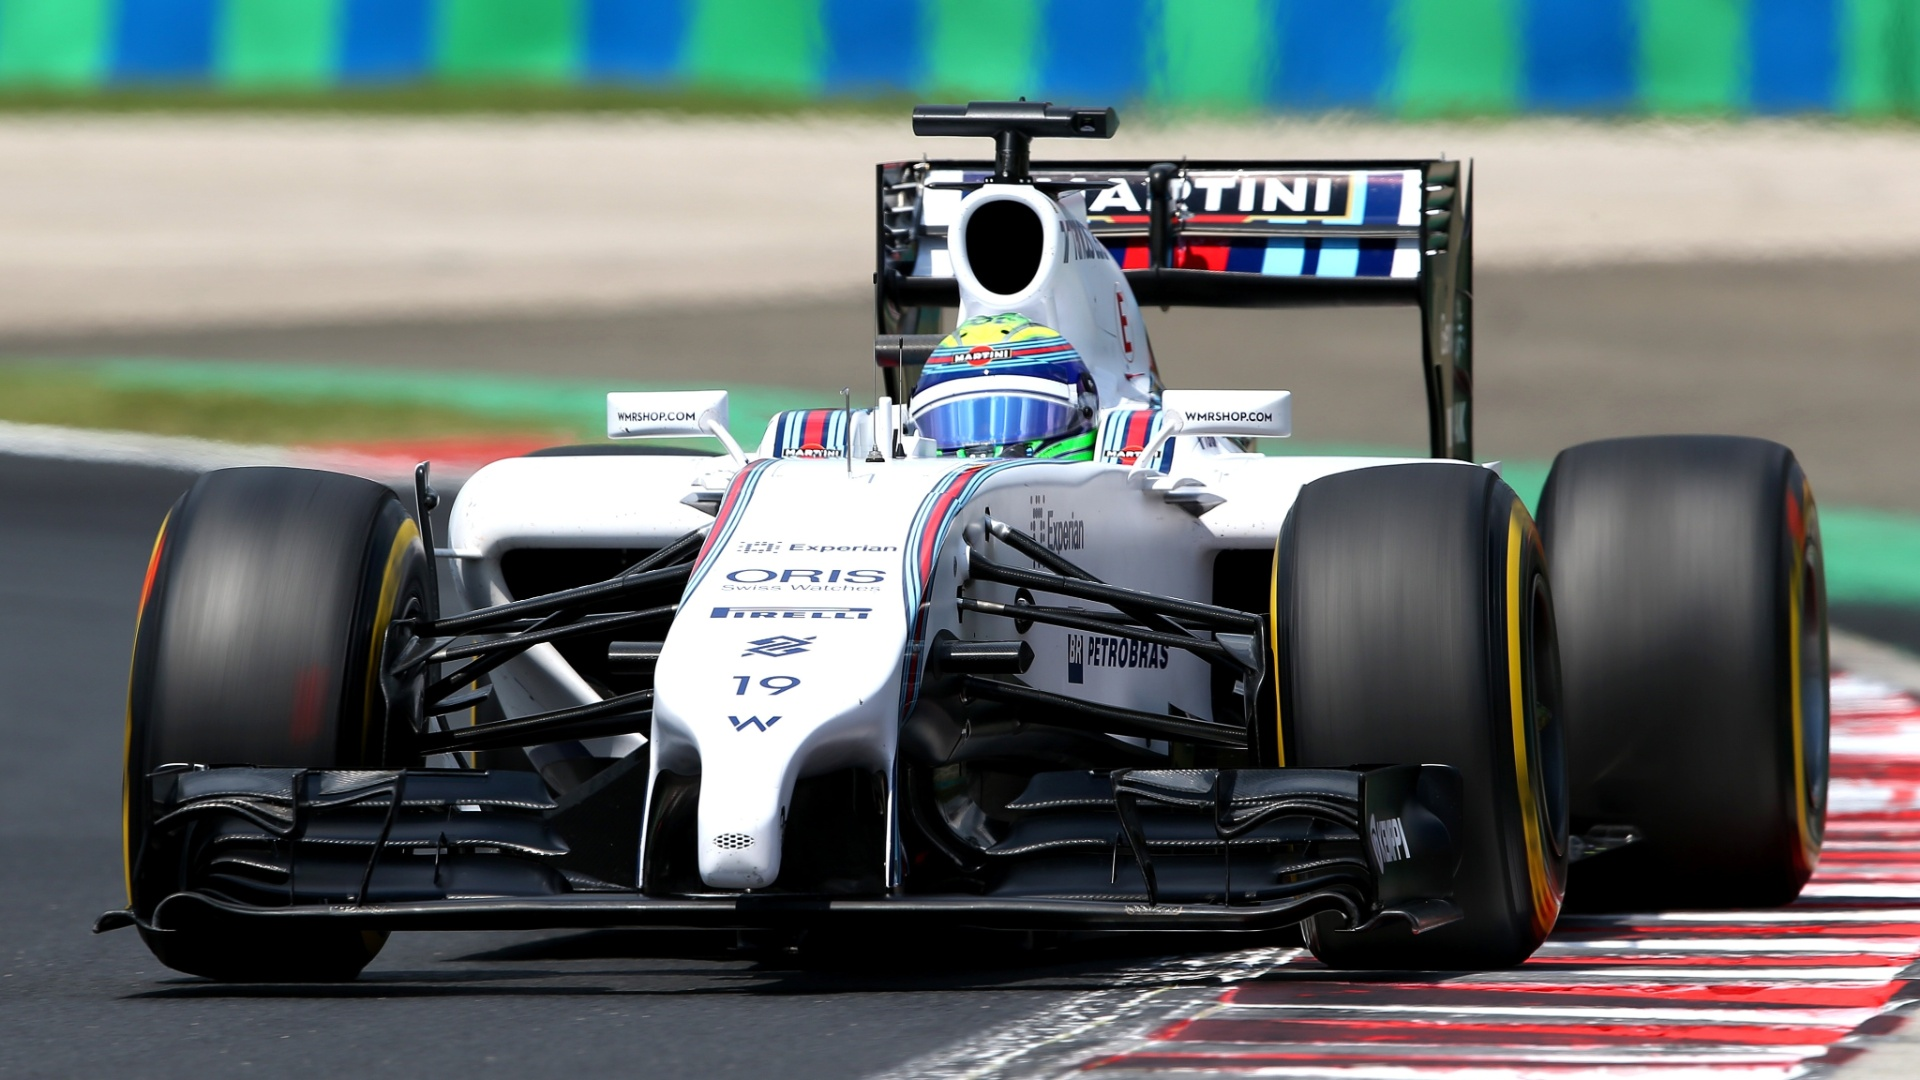 26.jul.2014 - Felipe Massa acelera sua Williams pelo circuito de Hungaroring durante o treino de classificação para o GP da Hungria